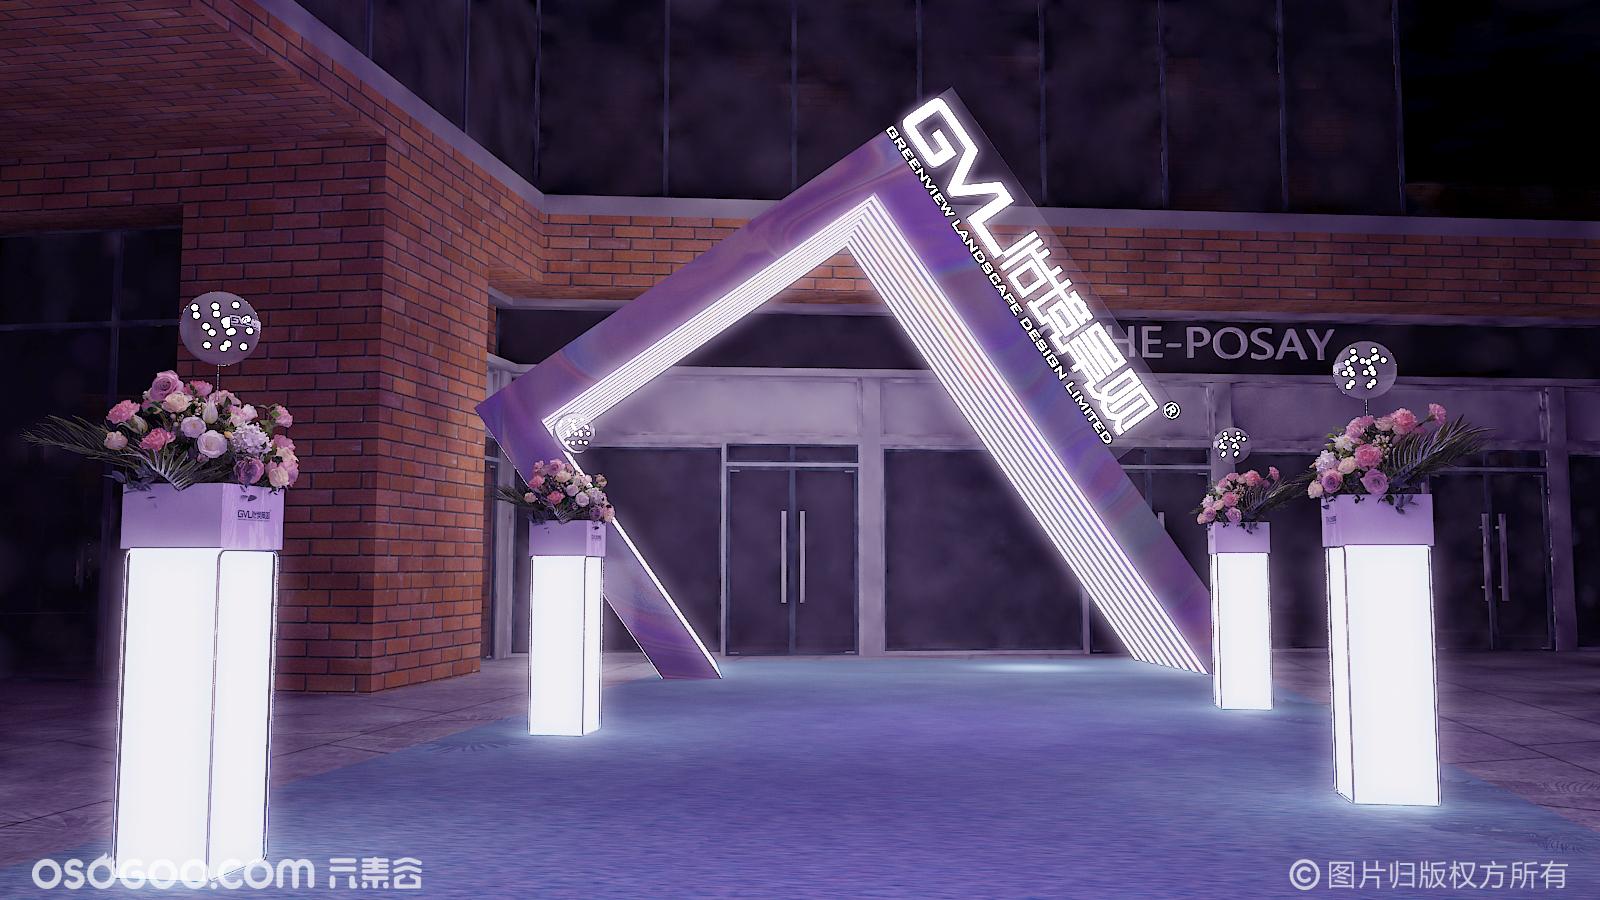 怡境20周年庆&产品发布会